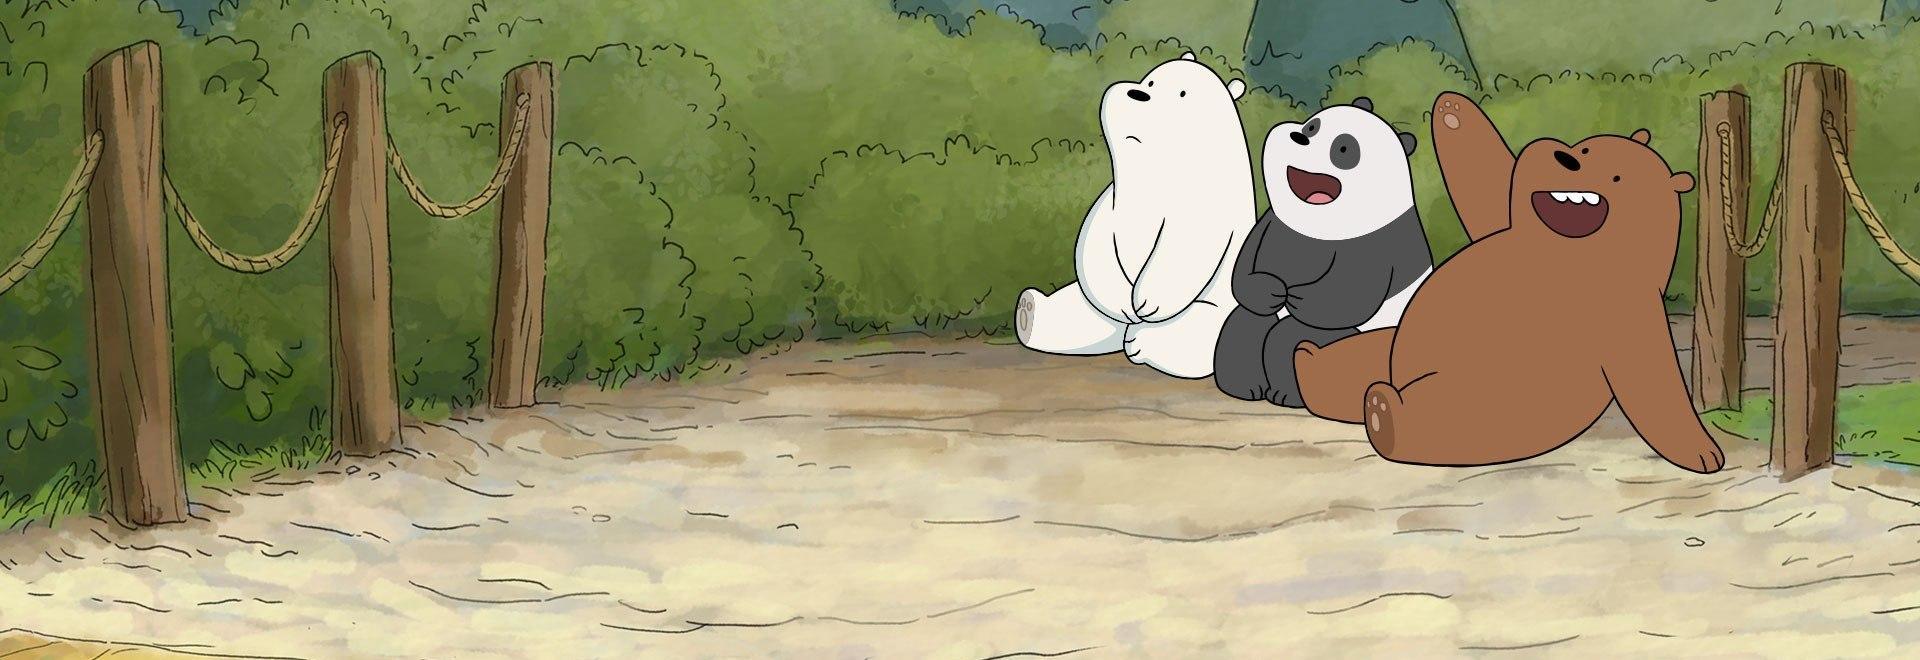 L'arte di Panda